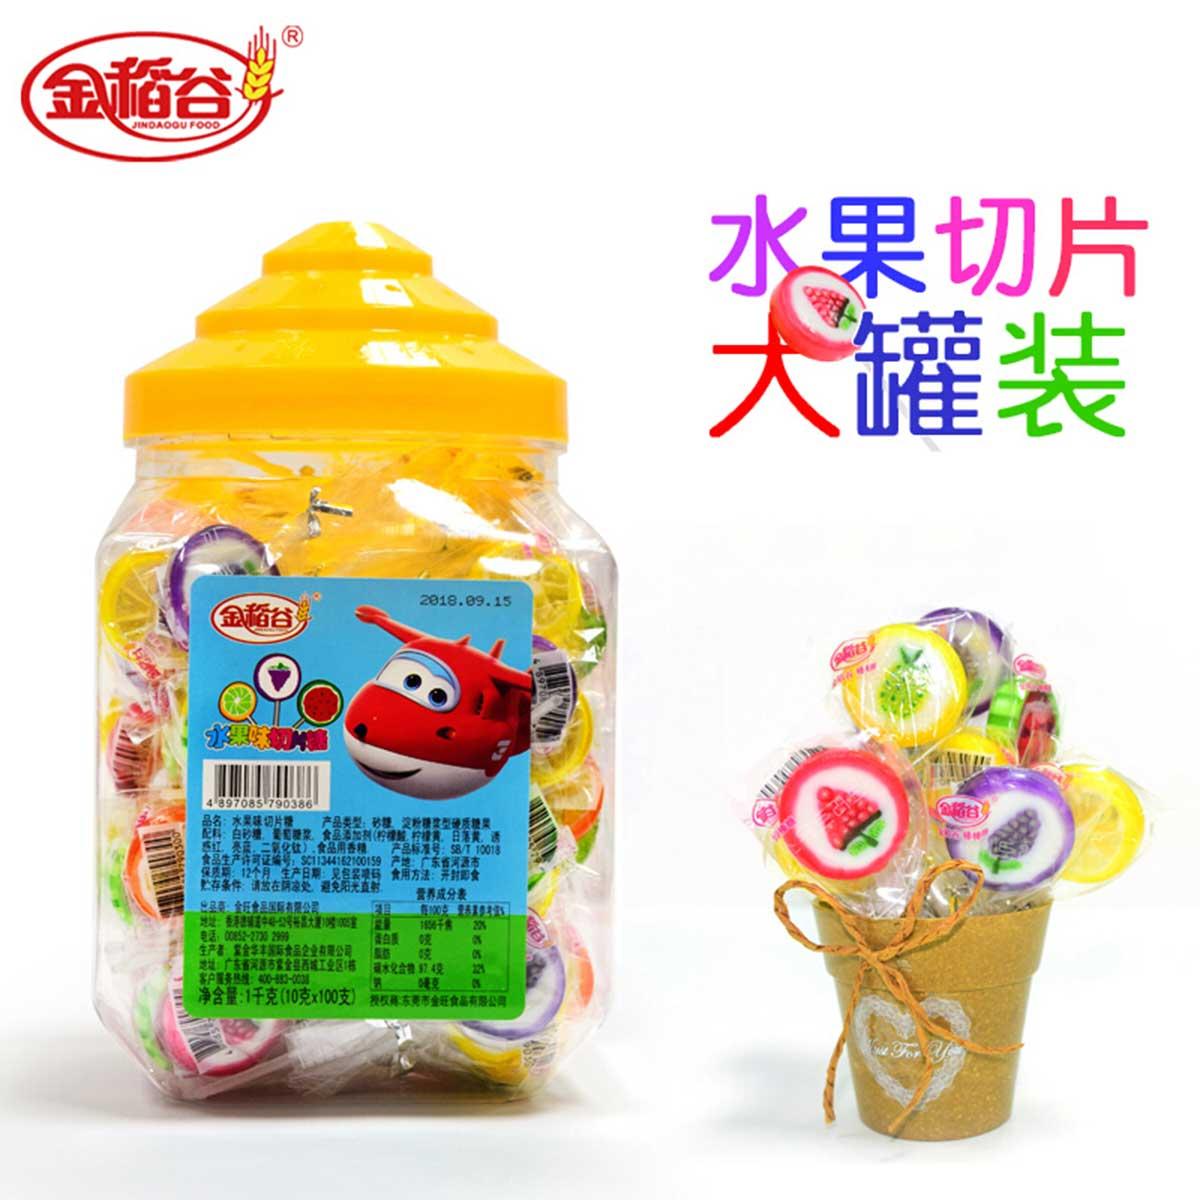 金稻谷创意波板糖水果糖切片10g*100支棒棒糖零食礼包COLOR水果糖切片10g*100支棒棒糖